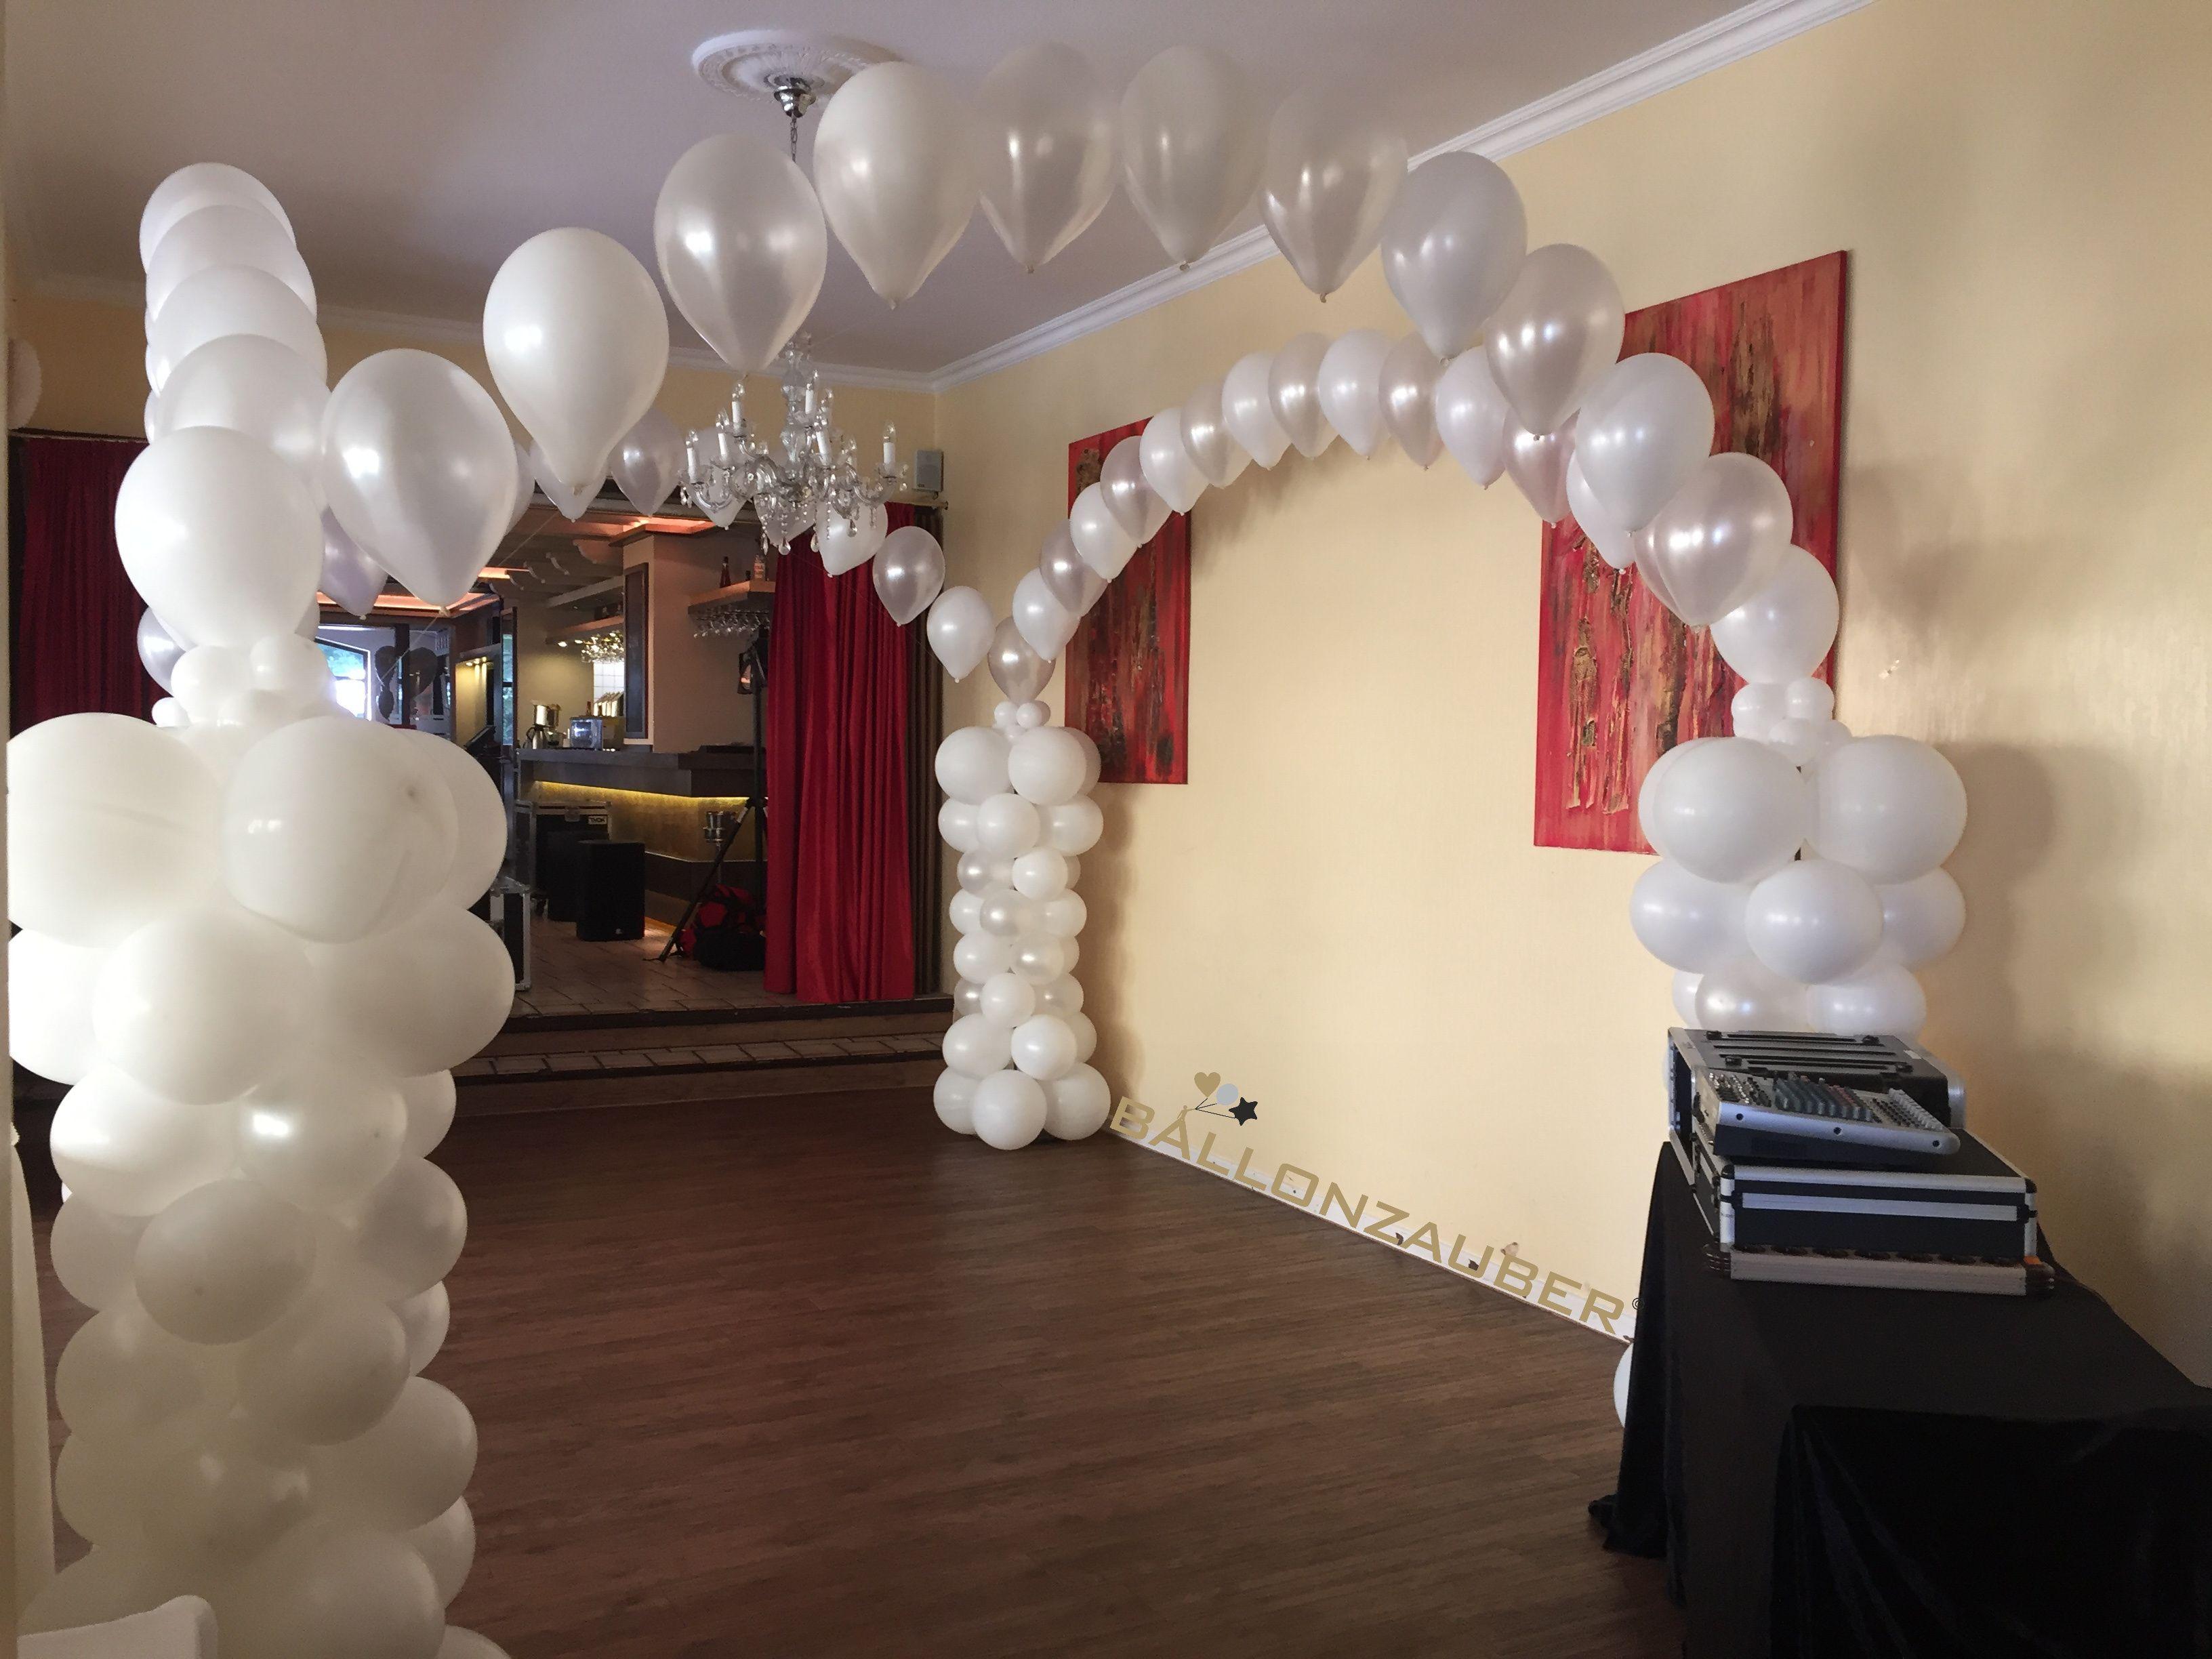 Wunderschoner Ballonbogen In Weiss Und Perlmutt Zur Dekoration Der Tanzflache Bei Hochzeiten Ballonzaube Luftballons Hochzeit Ballondekorationen Luftballons